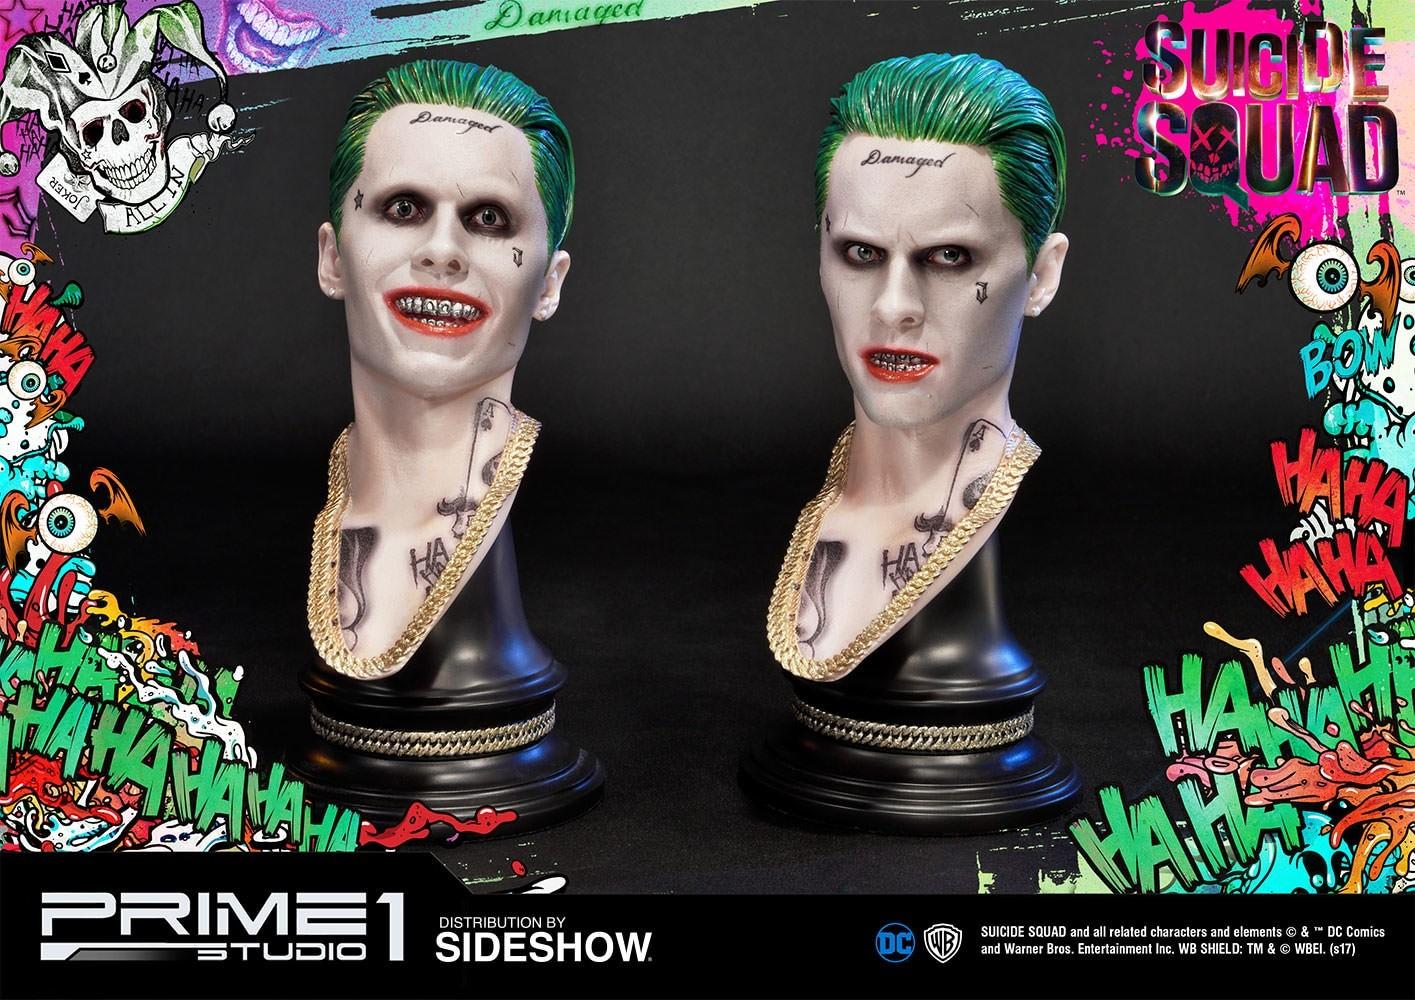 Alvaro ribeiro dc comics suicide squx the joker statue prime1 studio 903021 26